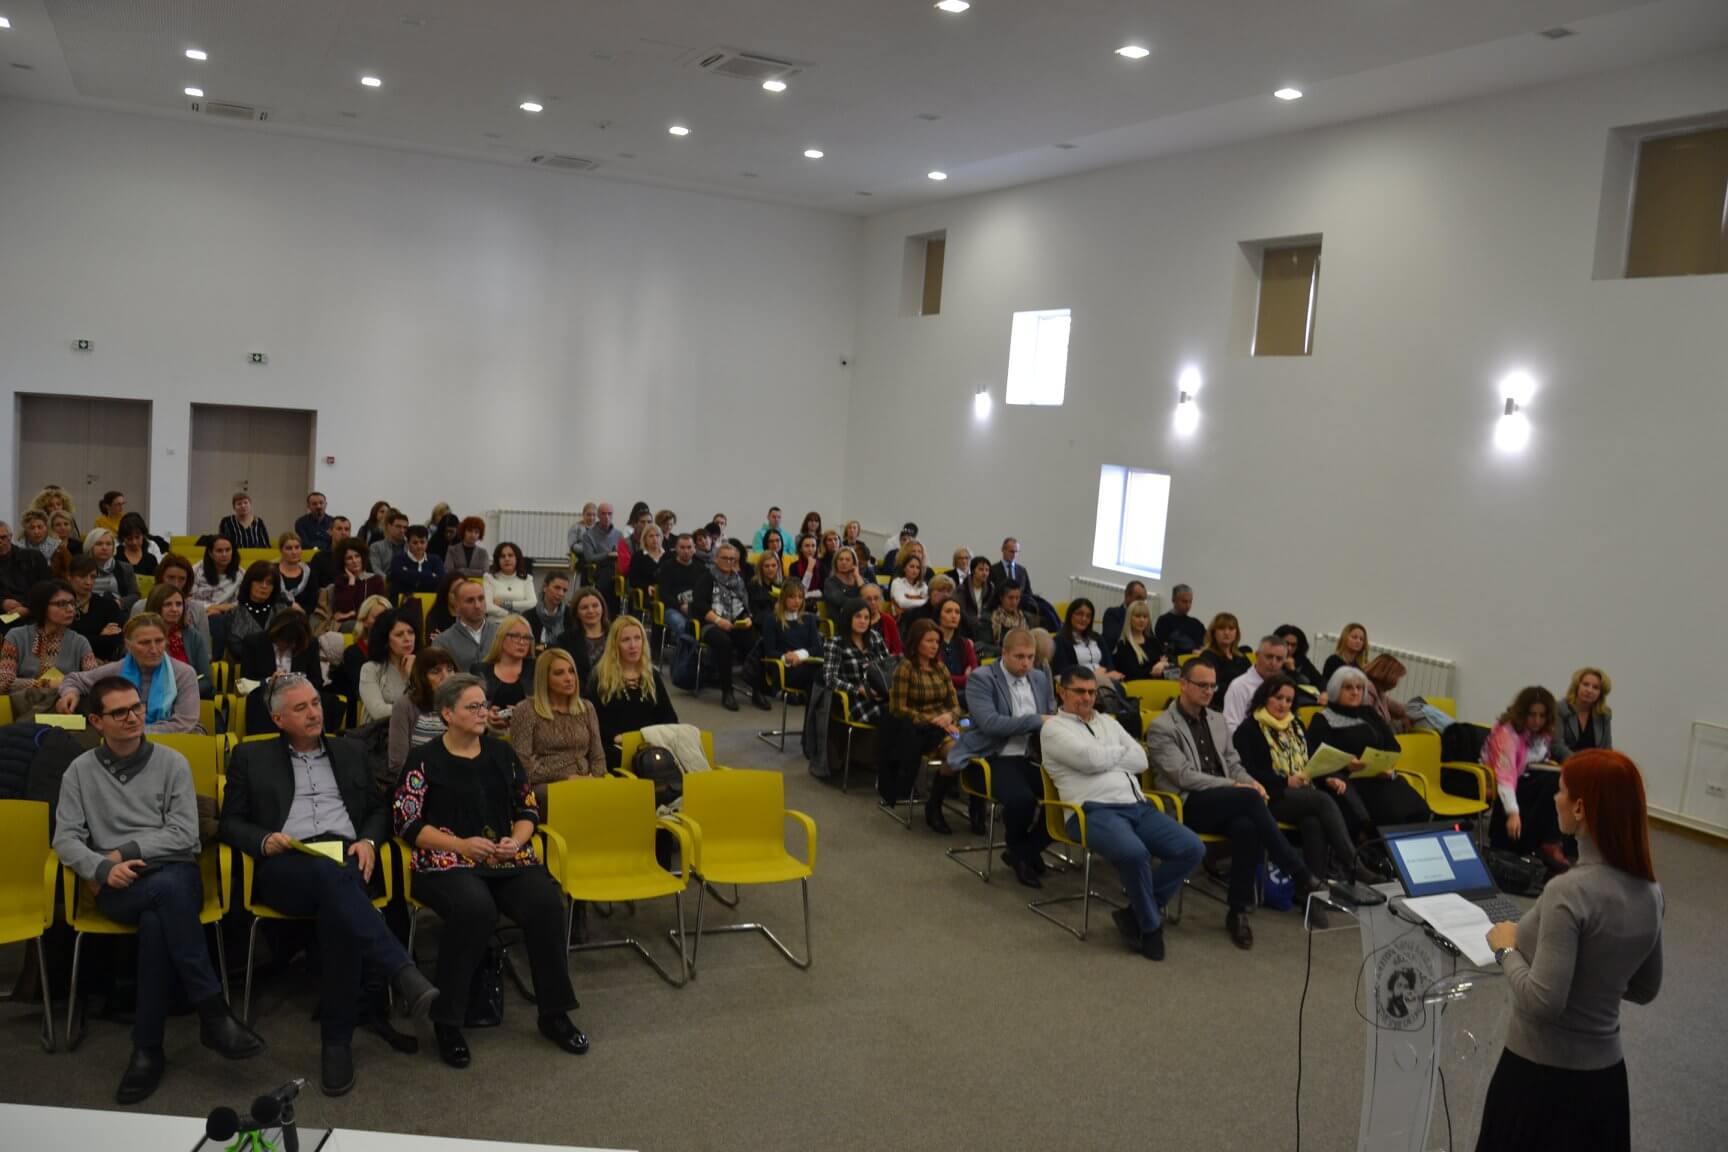 Претконференцијски дан XVI конференције БДС у Чачку